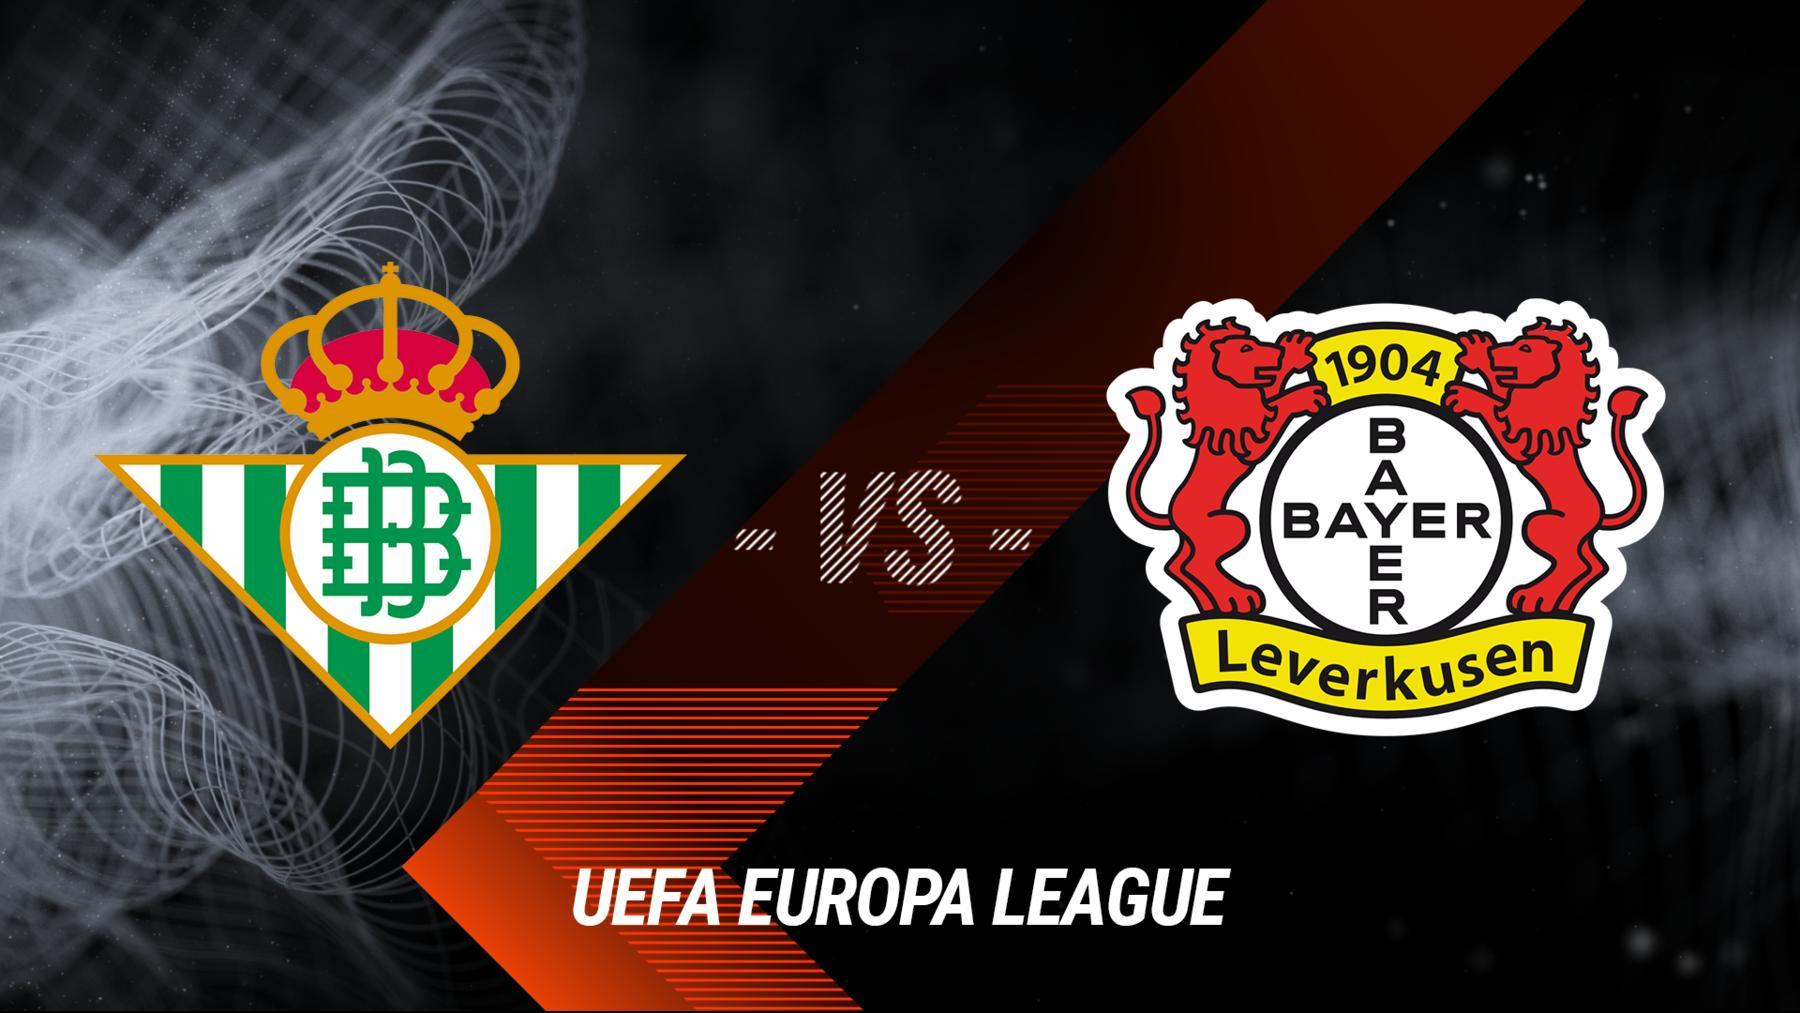 Betis Sevilla - Bayer 04 Leverkusen